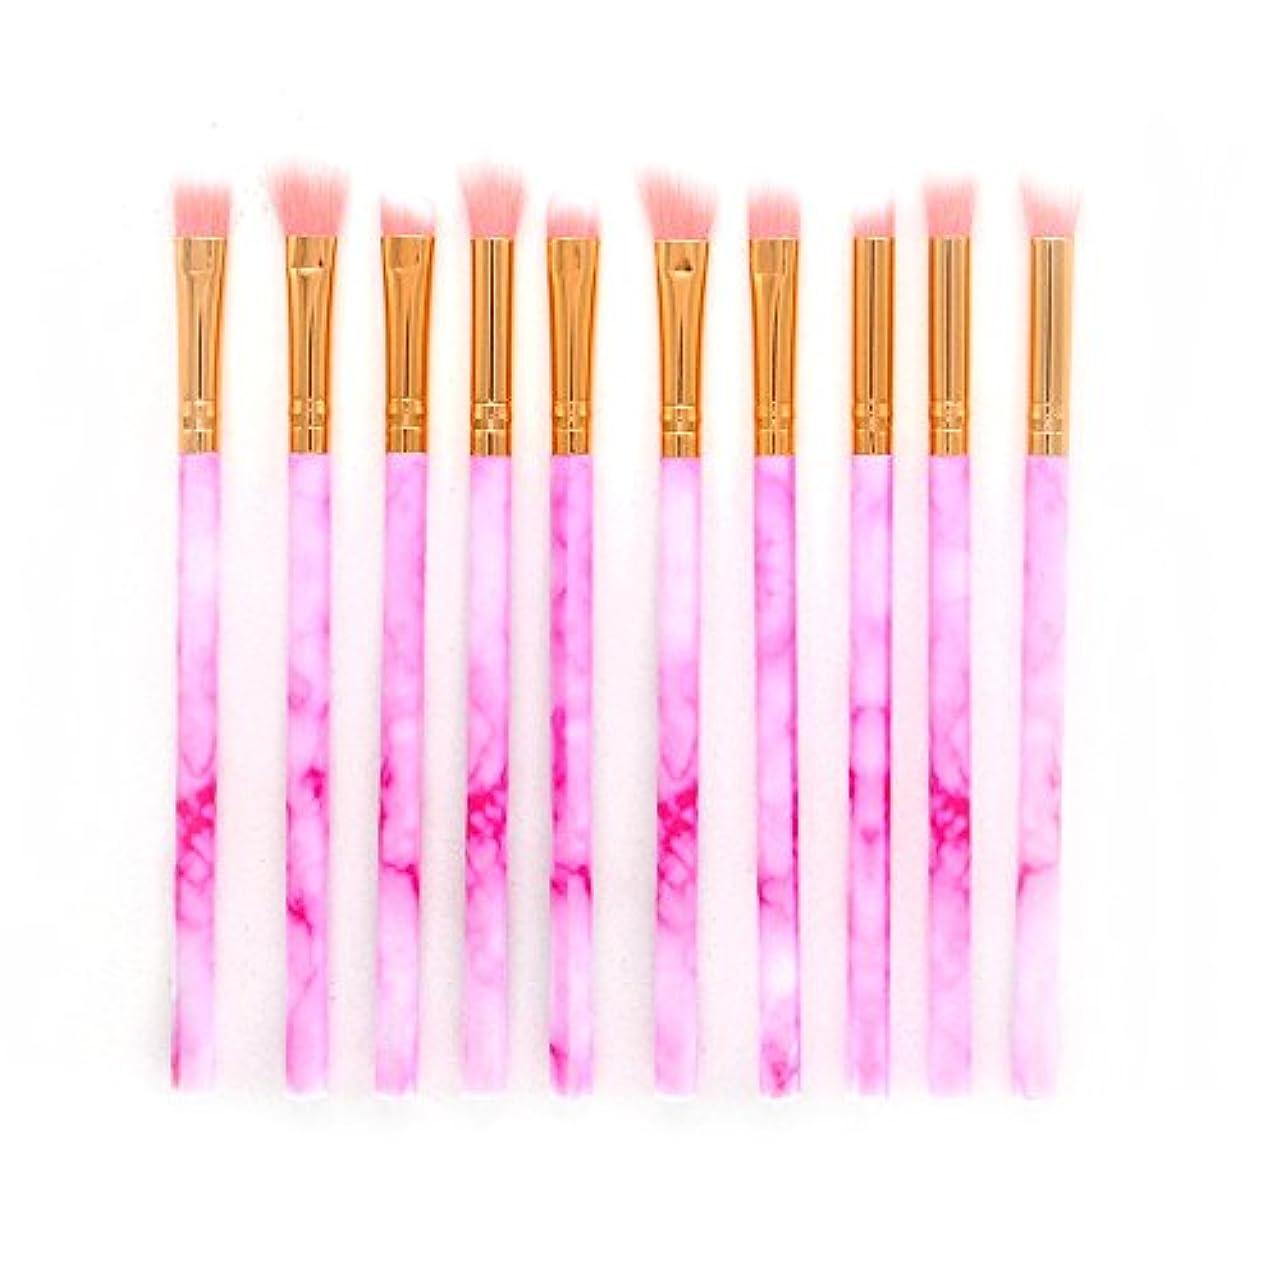 不良新しさ分配します笑え熊 化粧筆 メイク 筆 限定版 アイシャドーブラシ 10本セット 化粧ブラシ おしゃれ 日常の化粧 集まる化粧